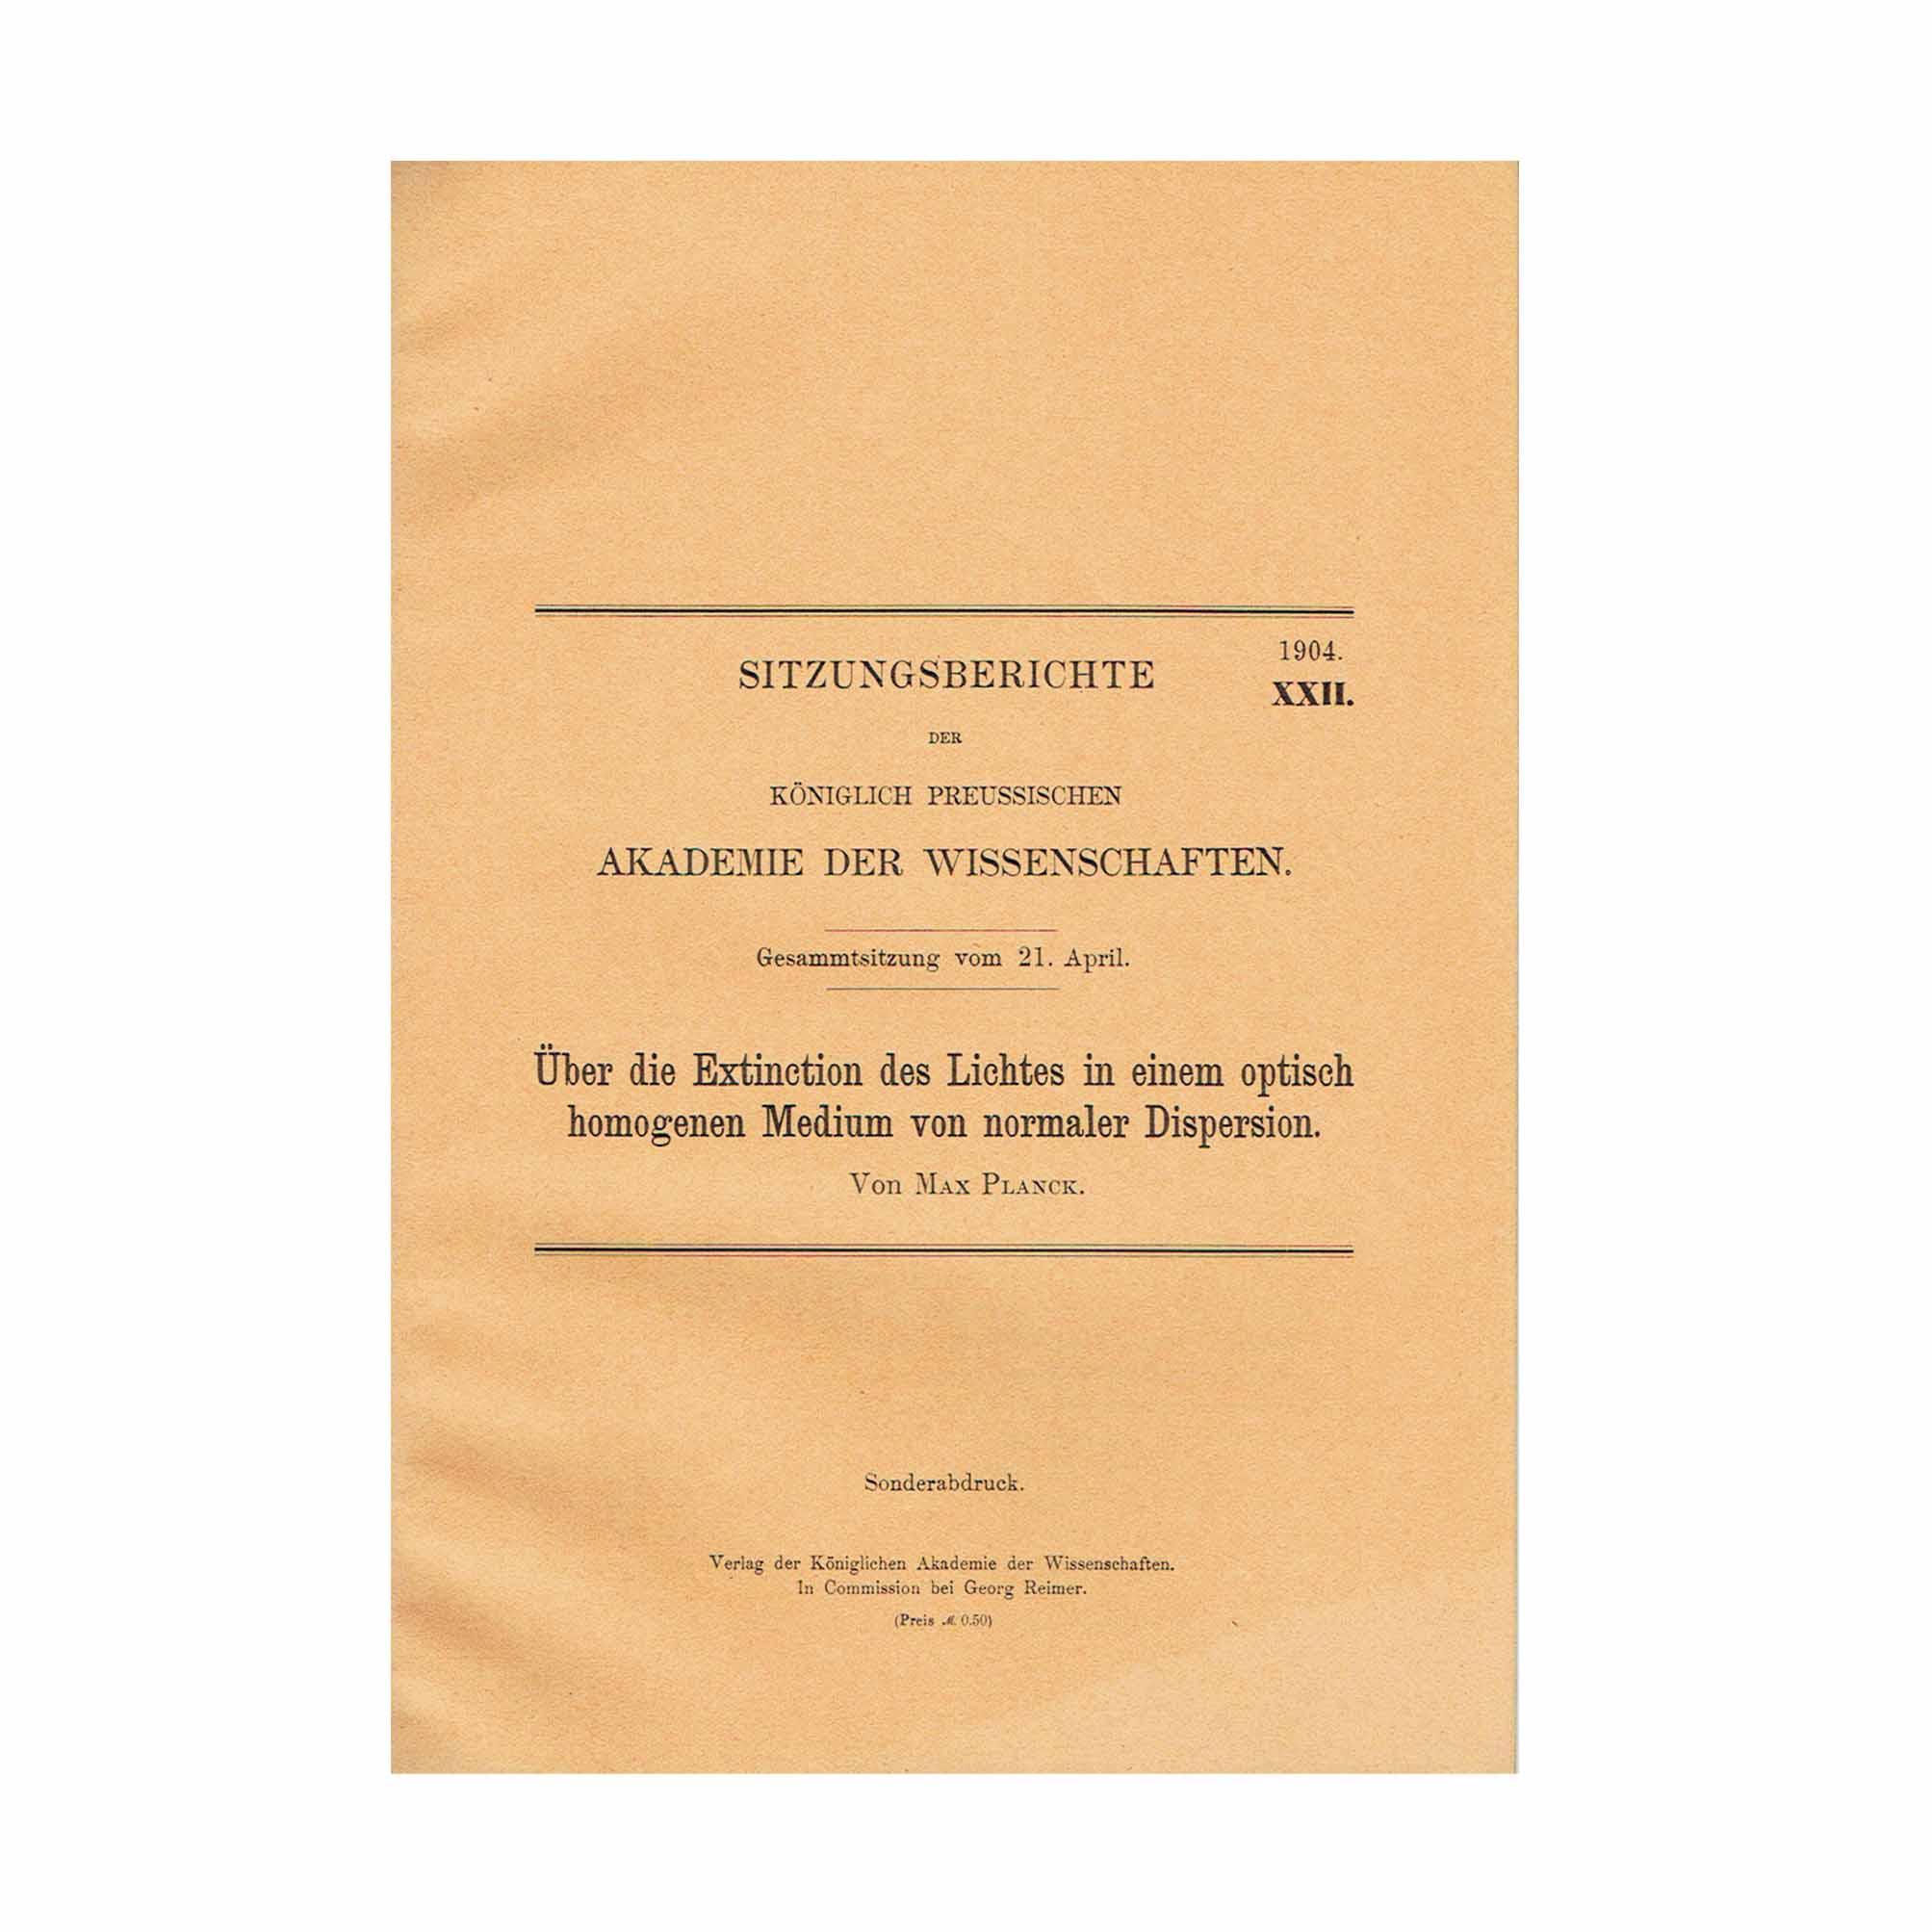 5813K-Planck-Extinction-des-Lichtes-1904-Front-Cover-N.jpeg